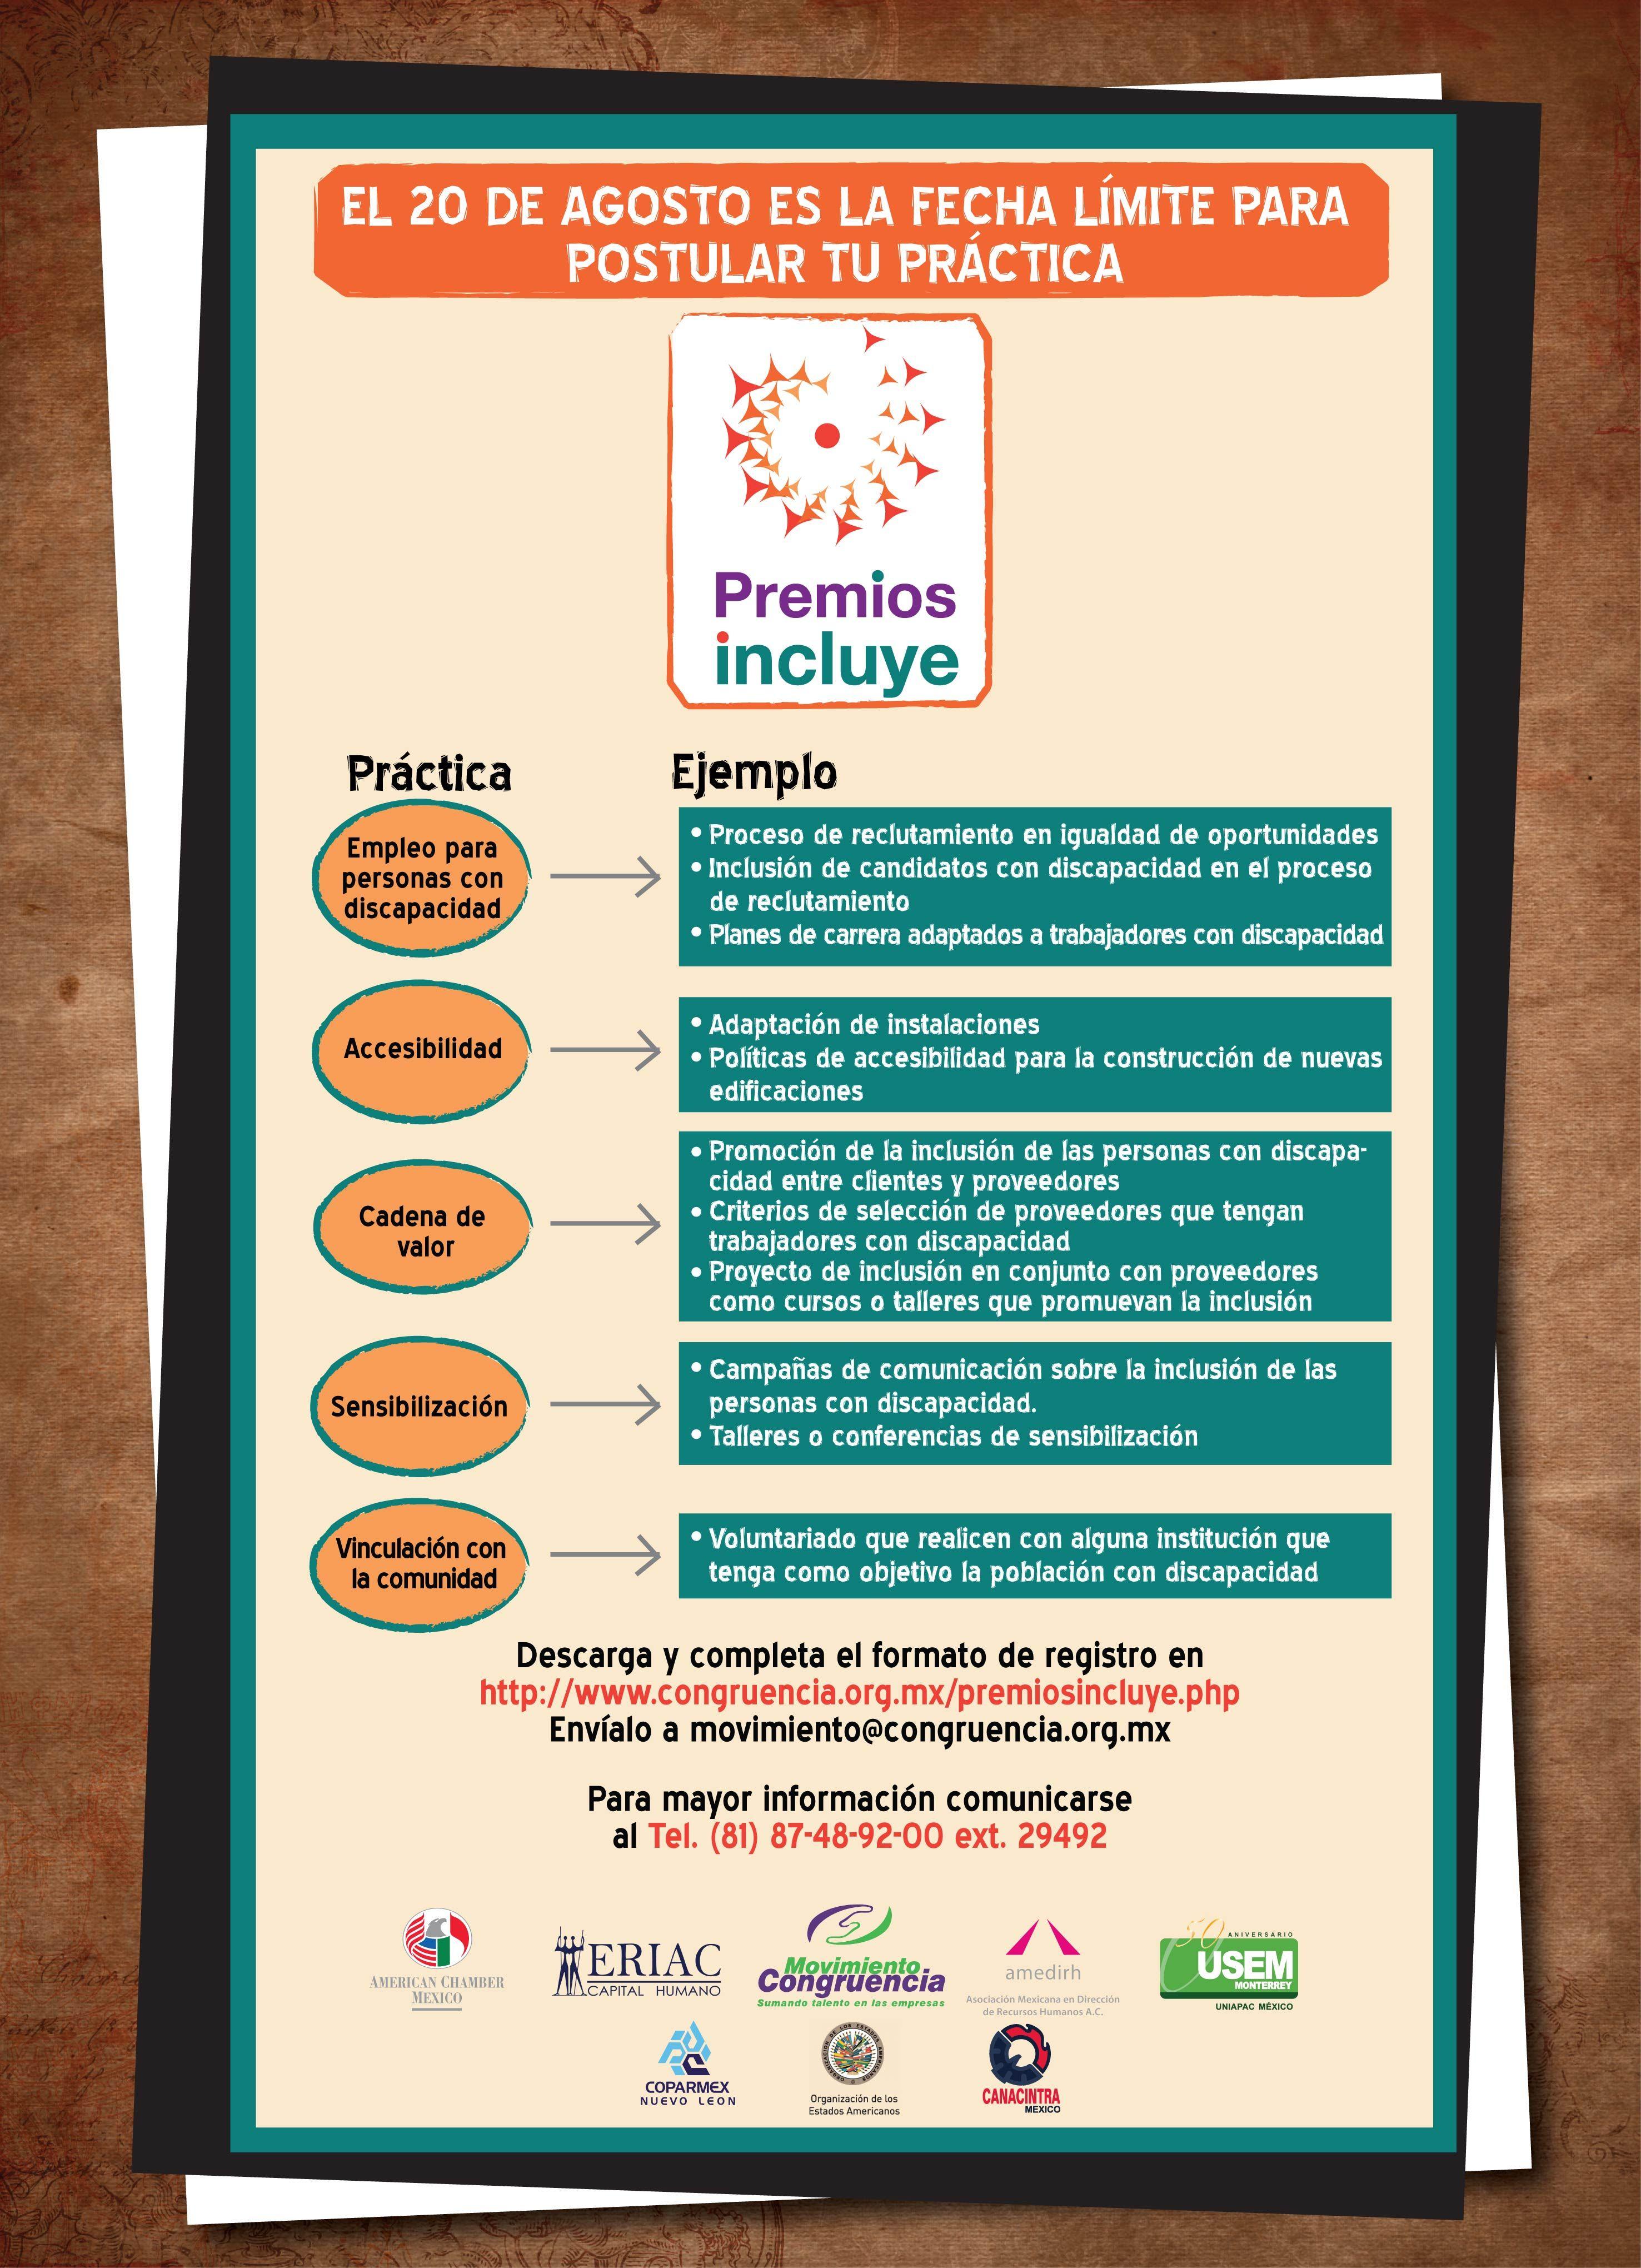 Ejemplos prácticas Premios Incluye